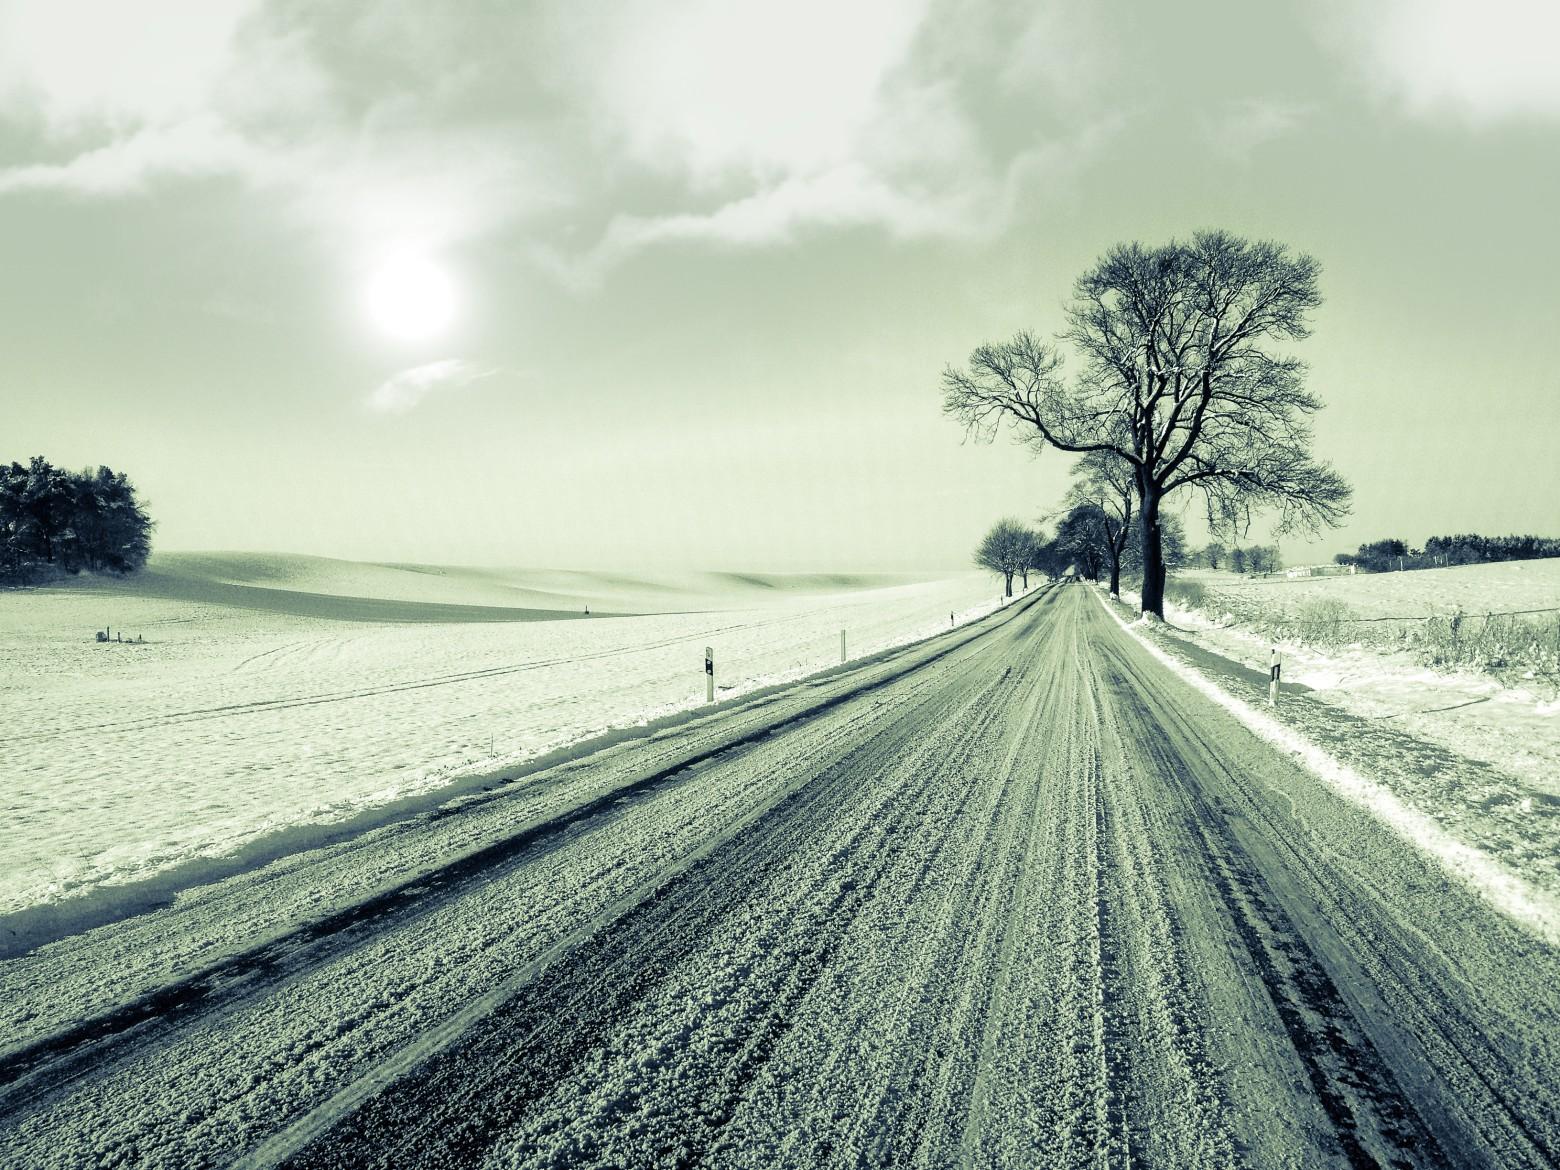 Route neige campagne enneig e hiver photos gratuites - Photos de neige gratuites ...